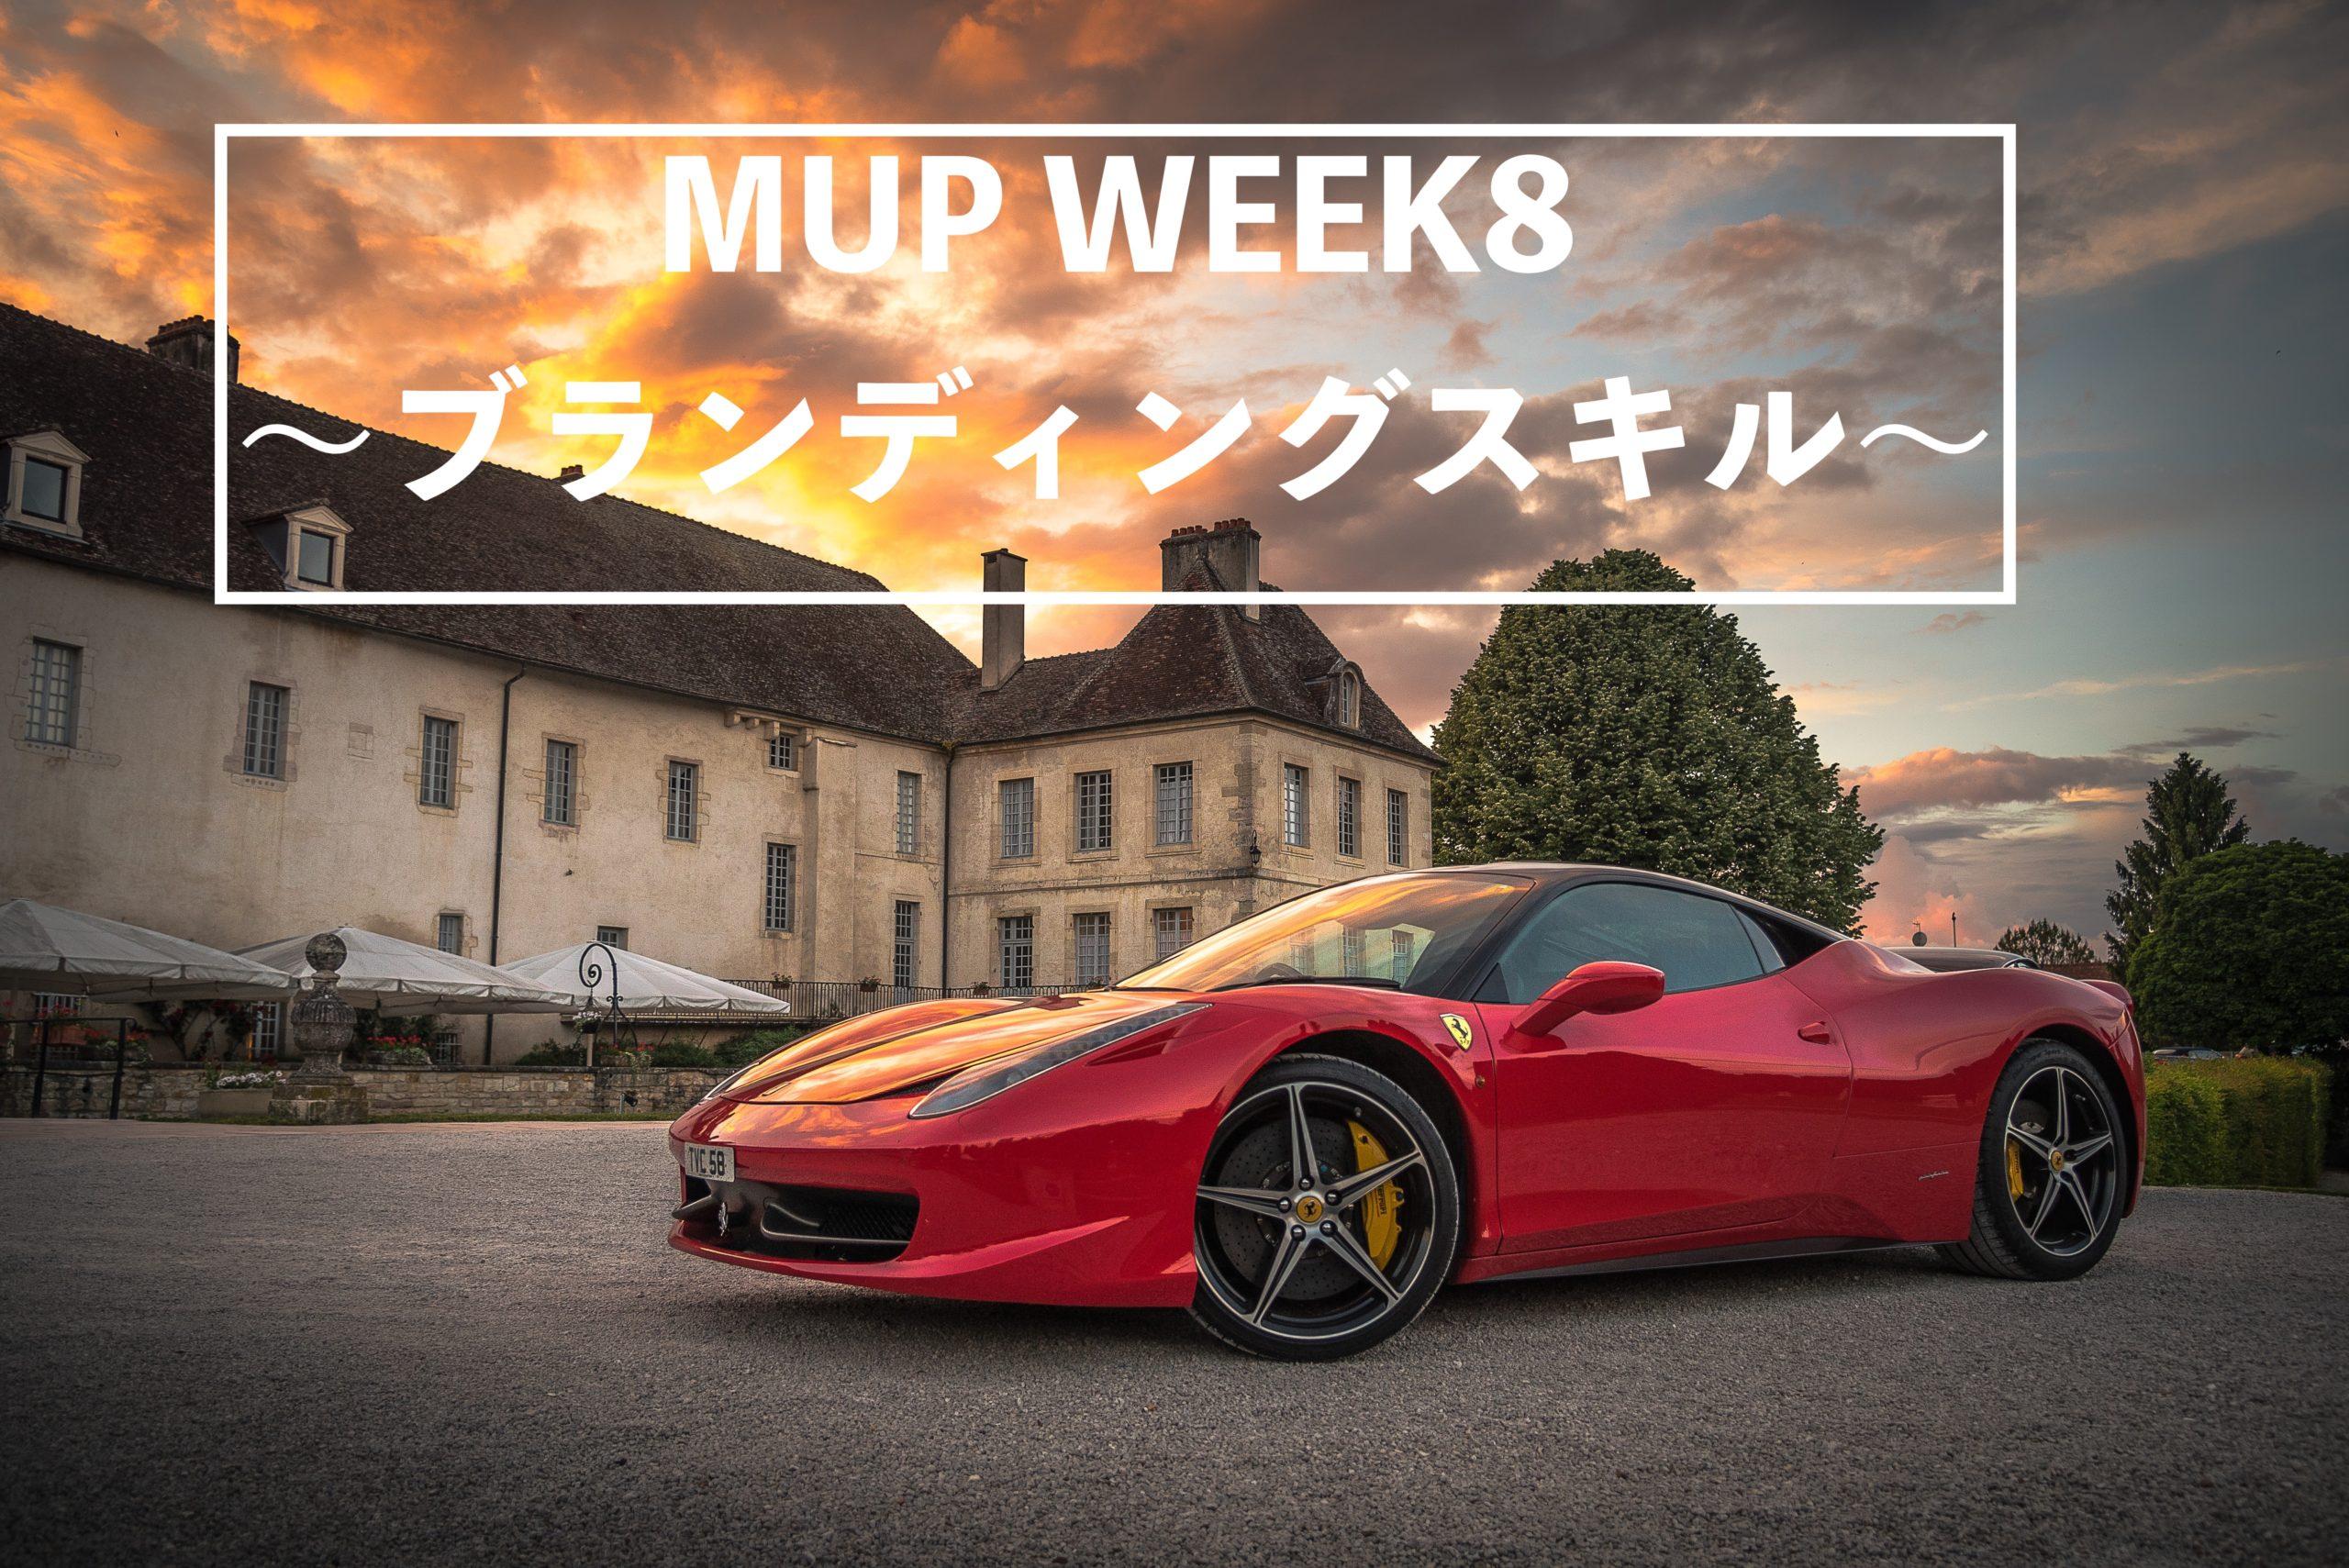 MUPWEEK8-ブランディングスキル